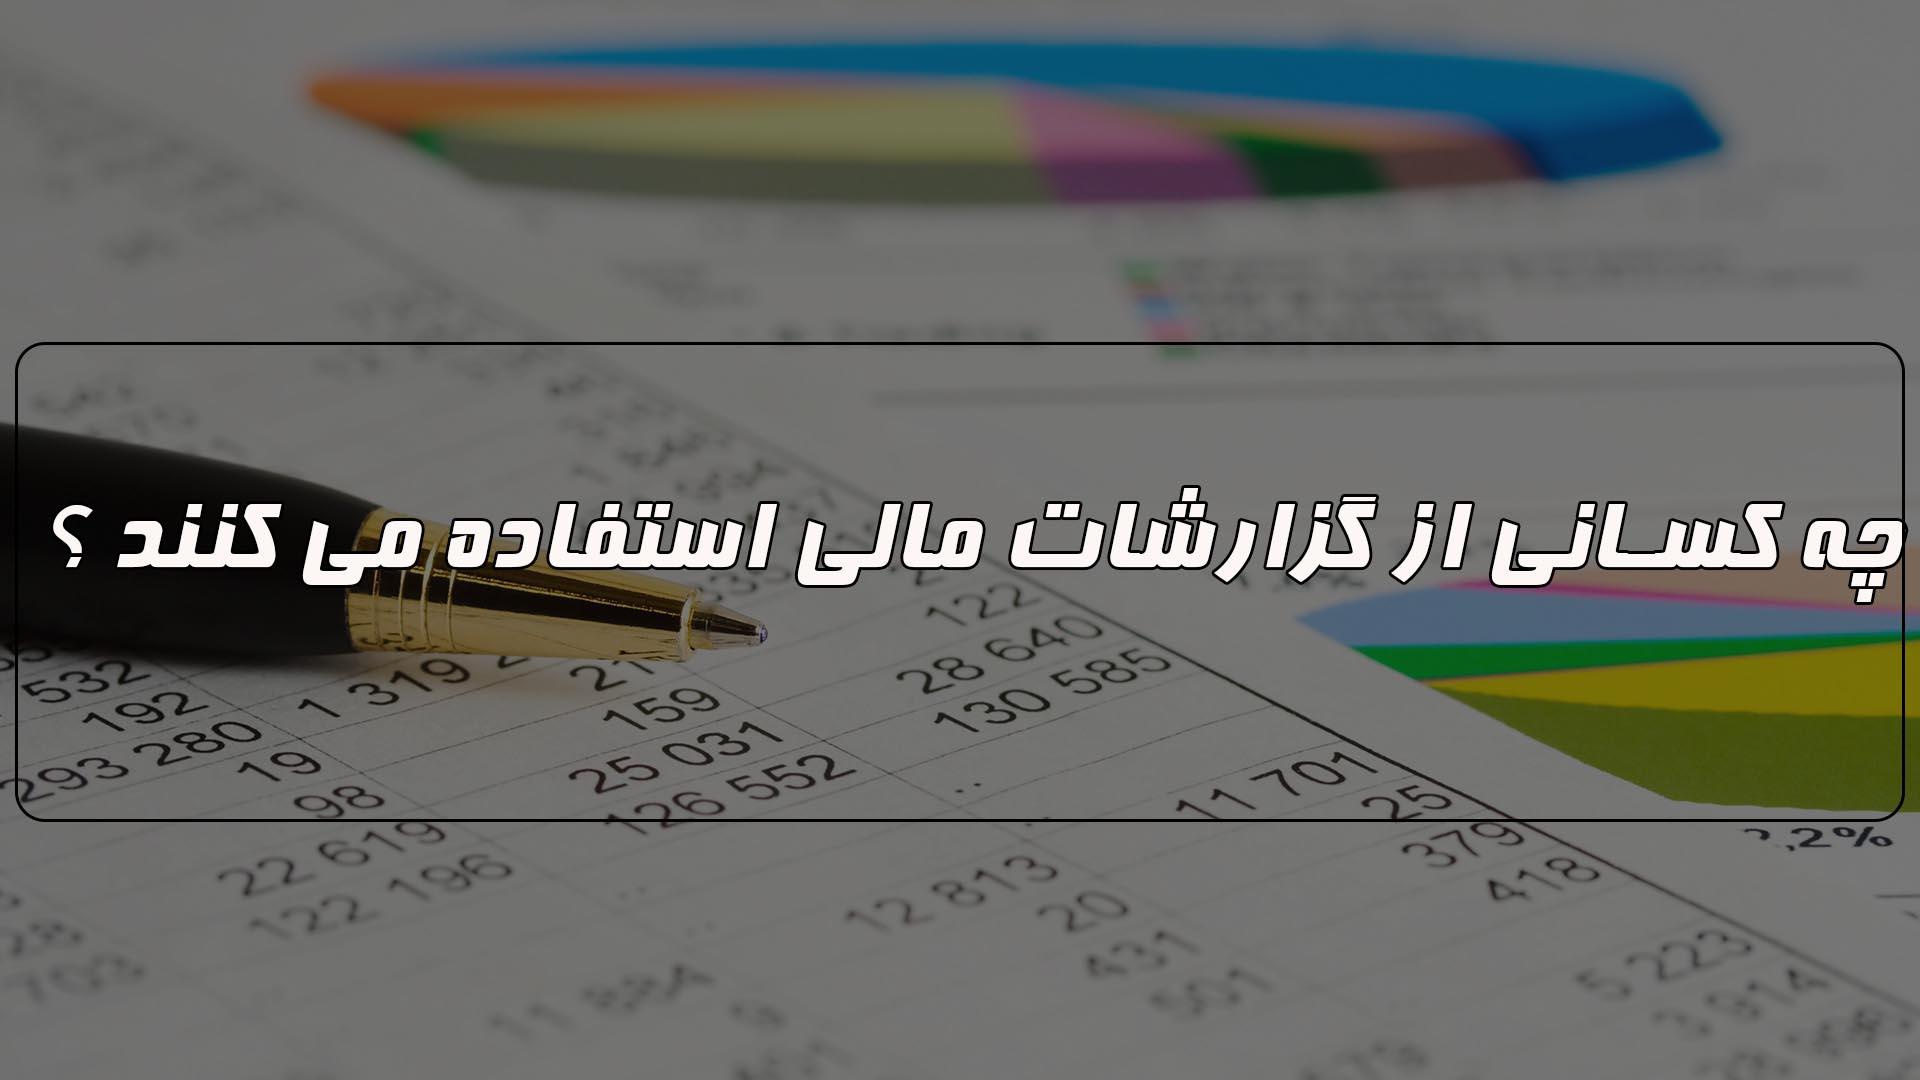 تهیه گزارشات مالی میان دوره و سالیانه